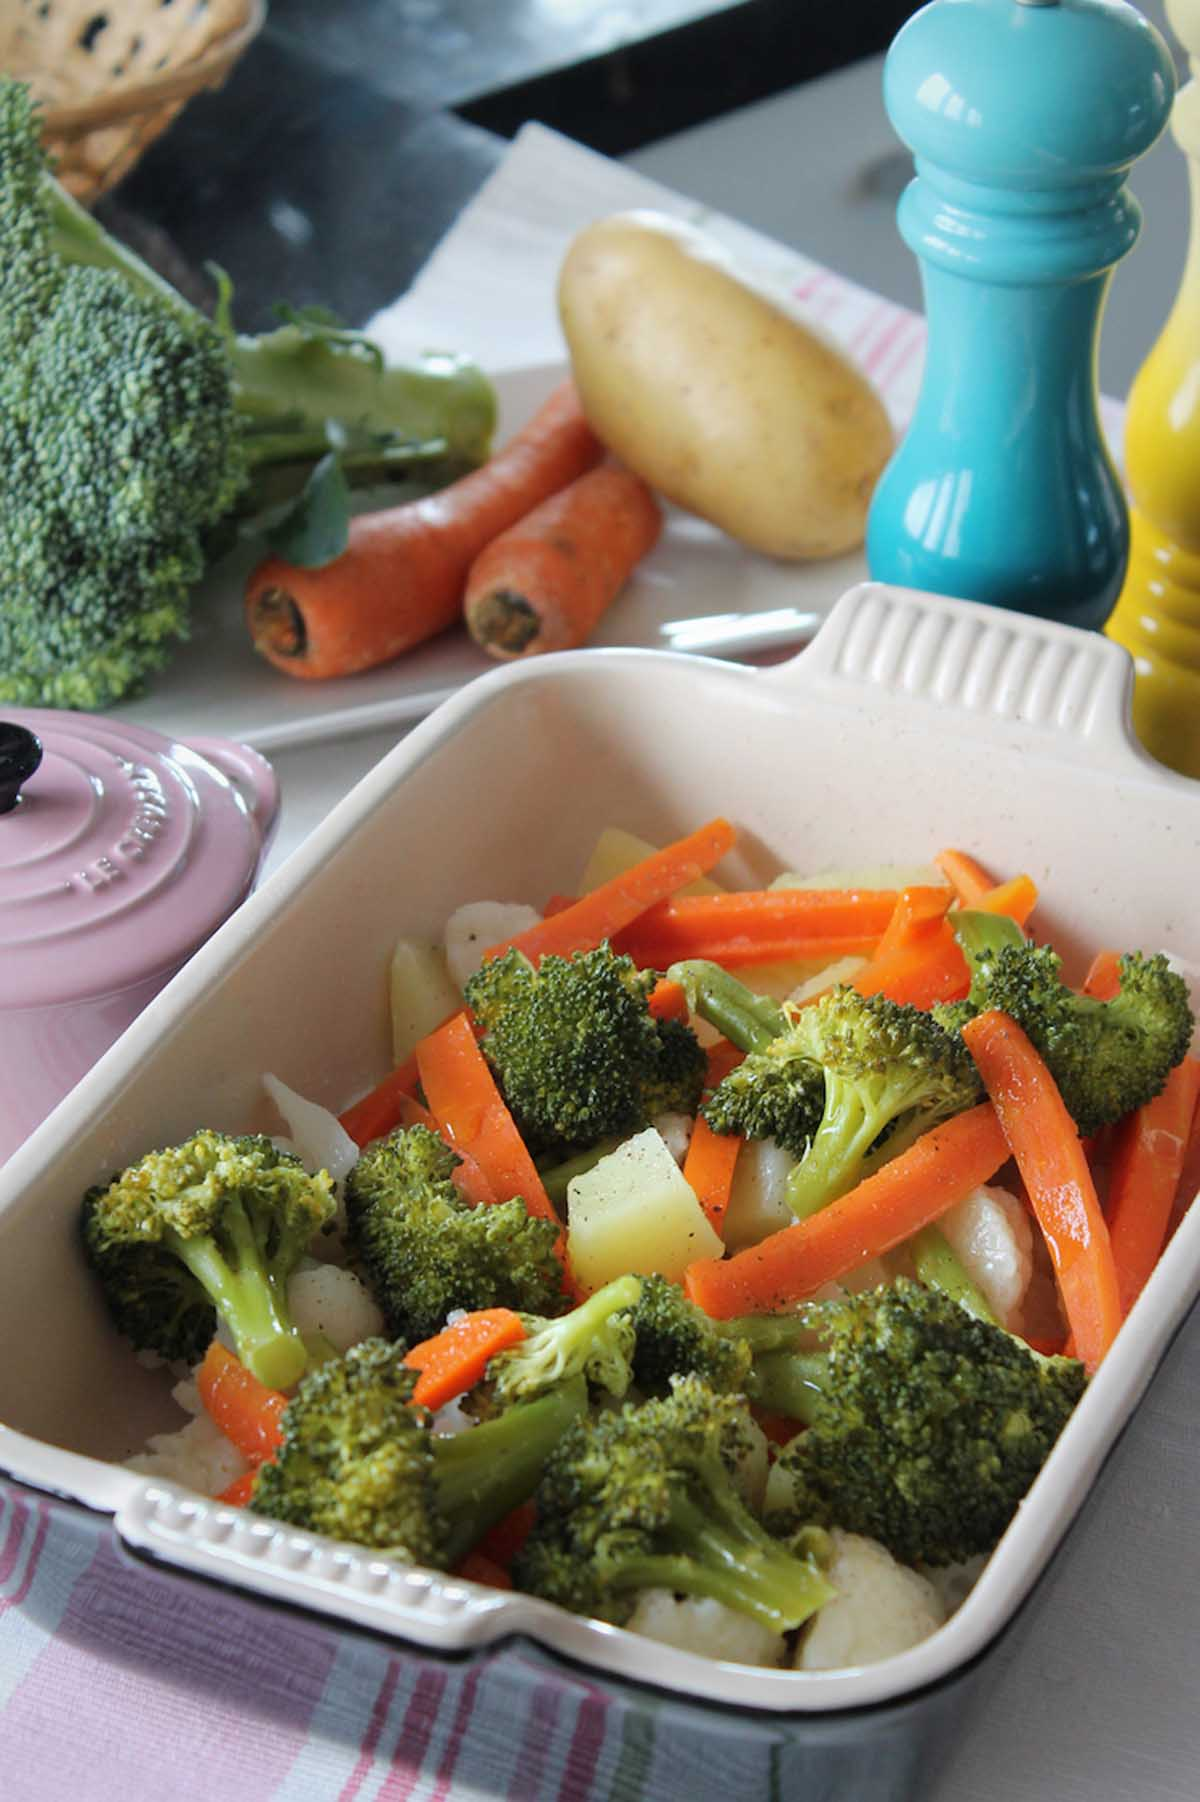 Verduras al vapor. Brócoli, coliflor, patata y zanahoria al vapor